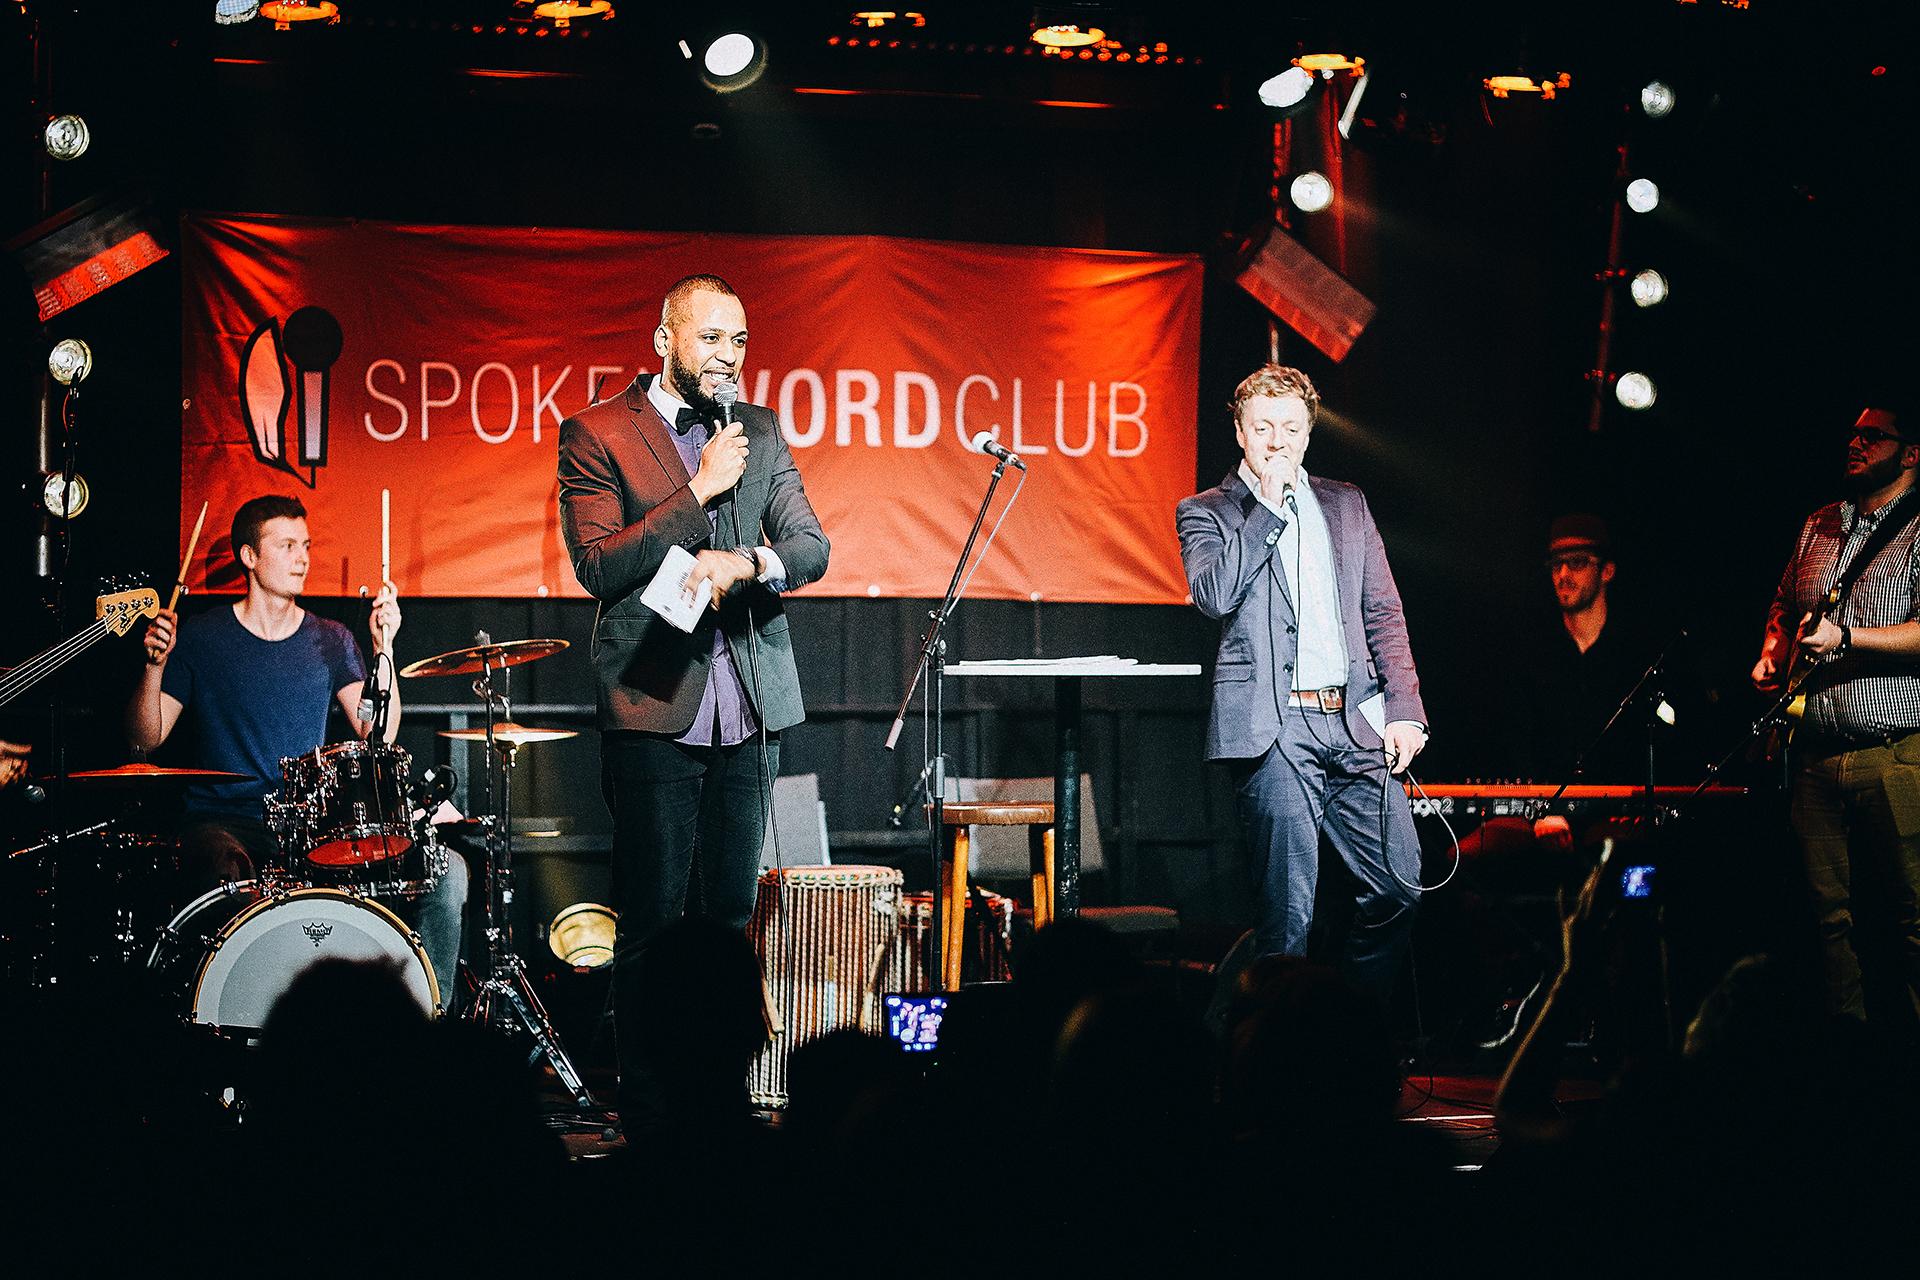 SpokenWordClub_Jan_2015_www.elfvierundachtzig.de_0158 (1).jpg